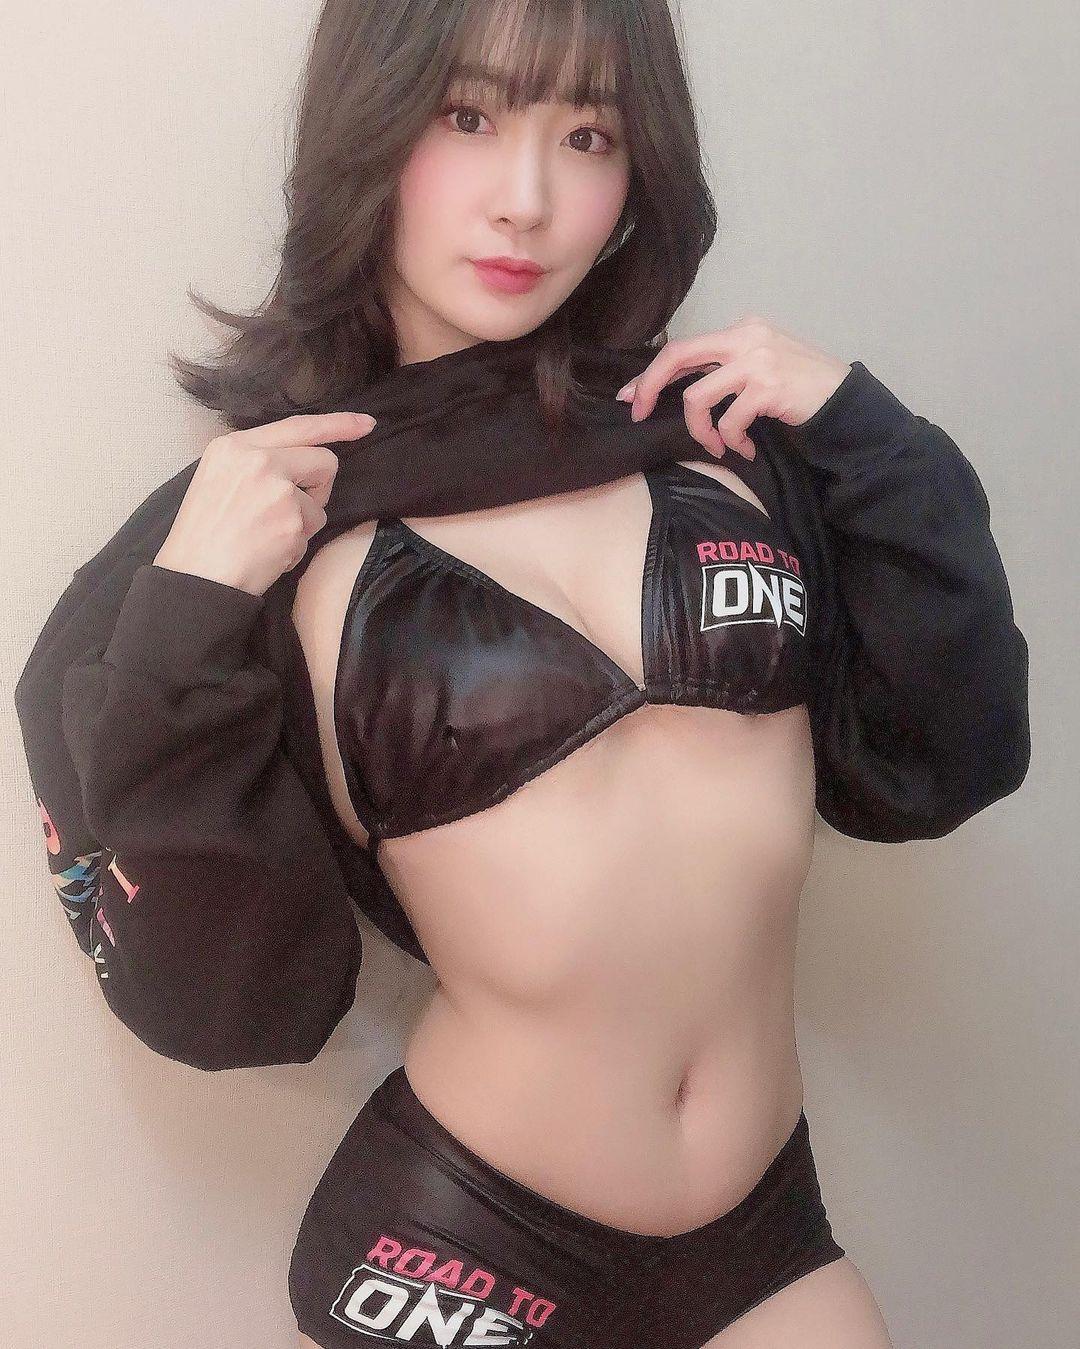 「見逃した方はAbemaで観れるのでぜひ観てね」Abema格闘チャンネル『Road to ONE』をPR【池尻愛梨さん/2021年2月22日】